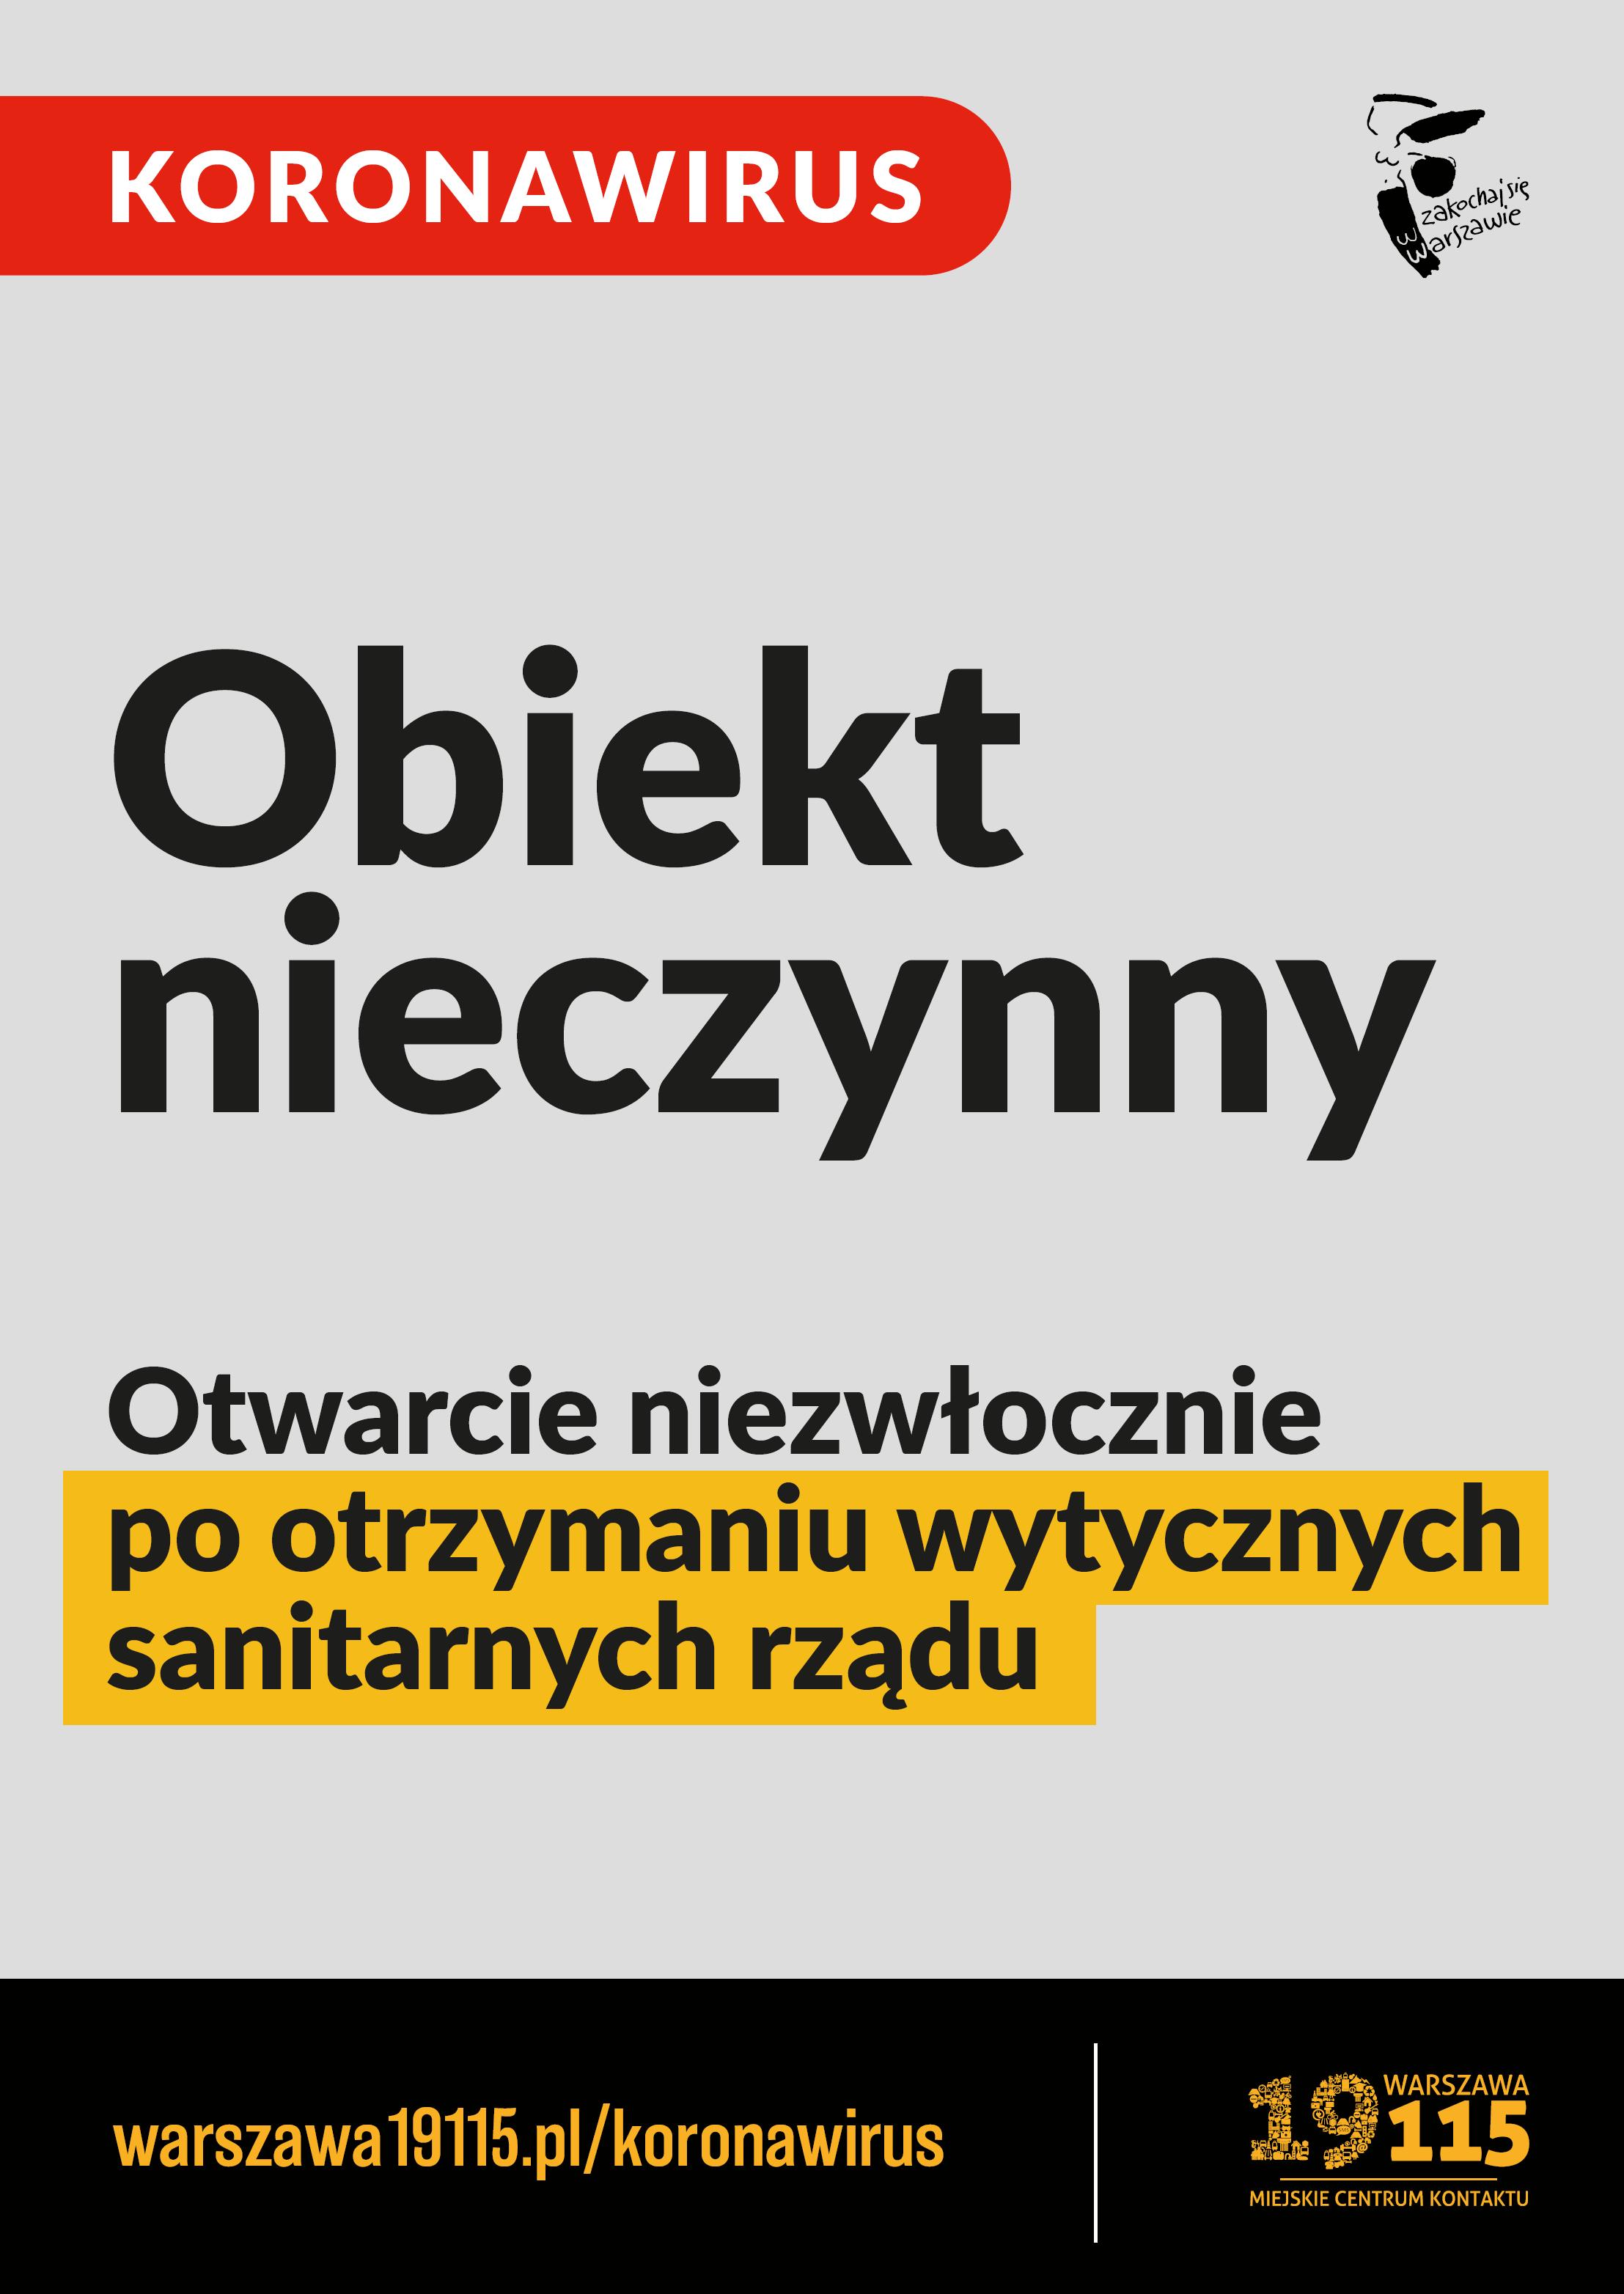 plakat informujący o zamknięciu obiektów sportowych